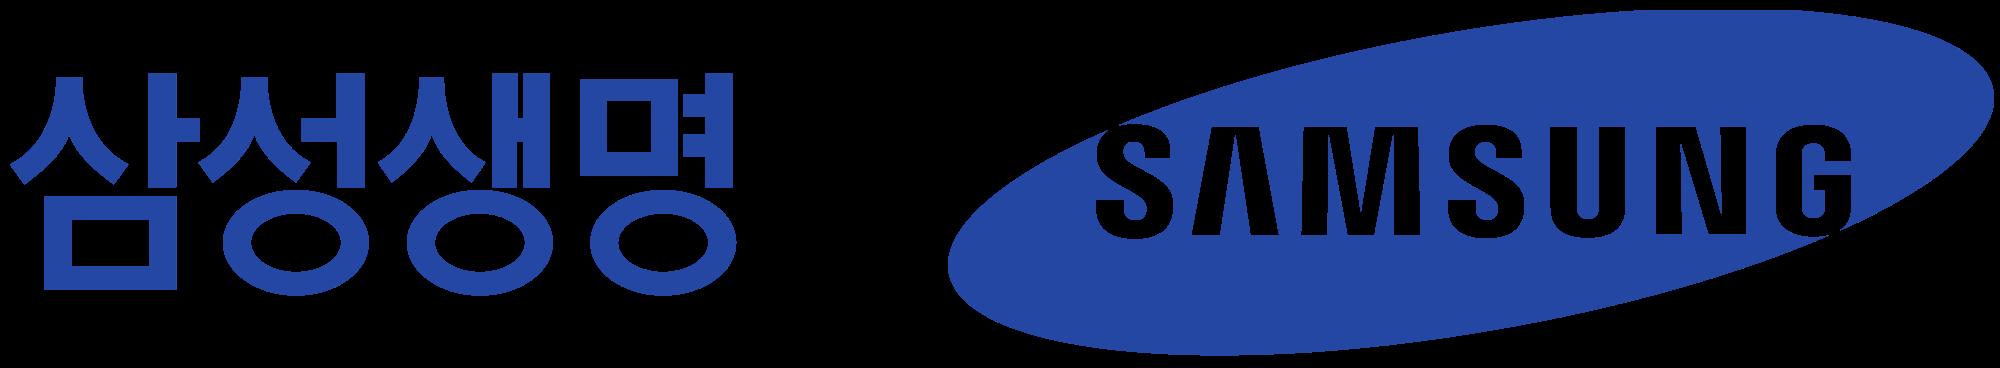 Samsung : 16 milliards d'euros d'investissement en Corée du Sud prochainement